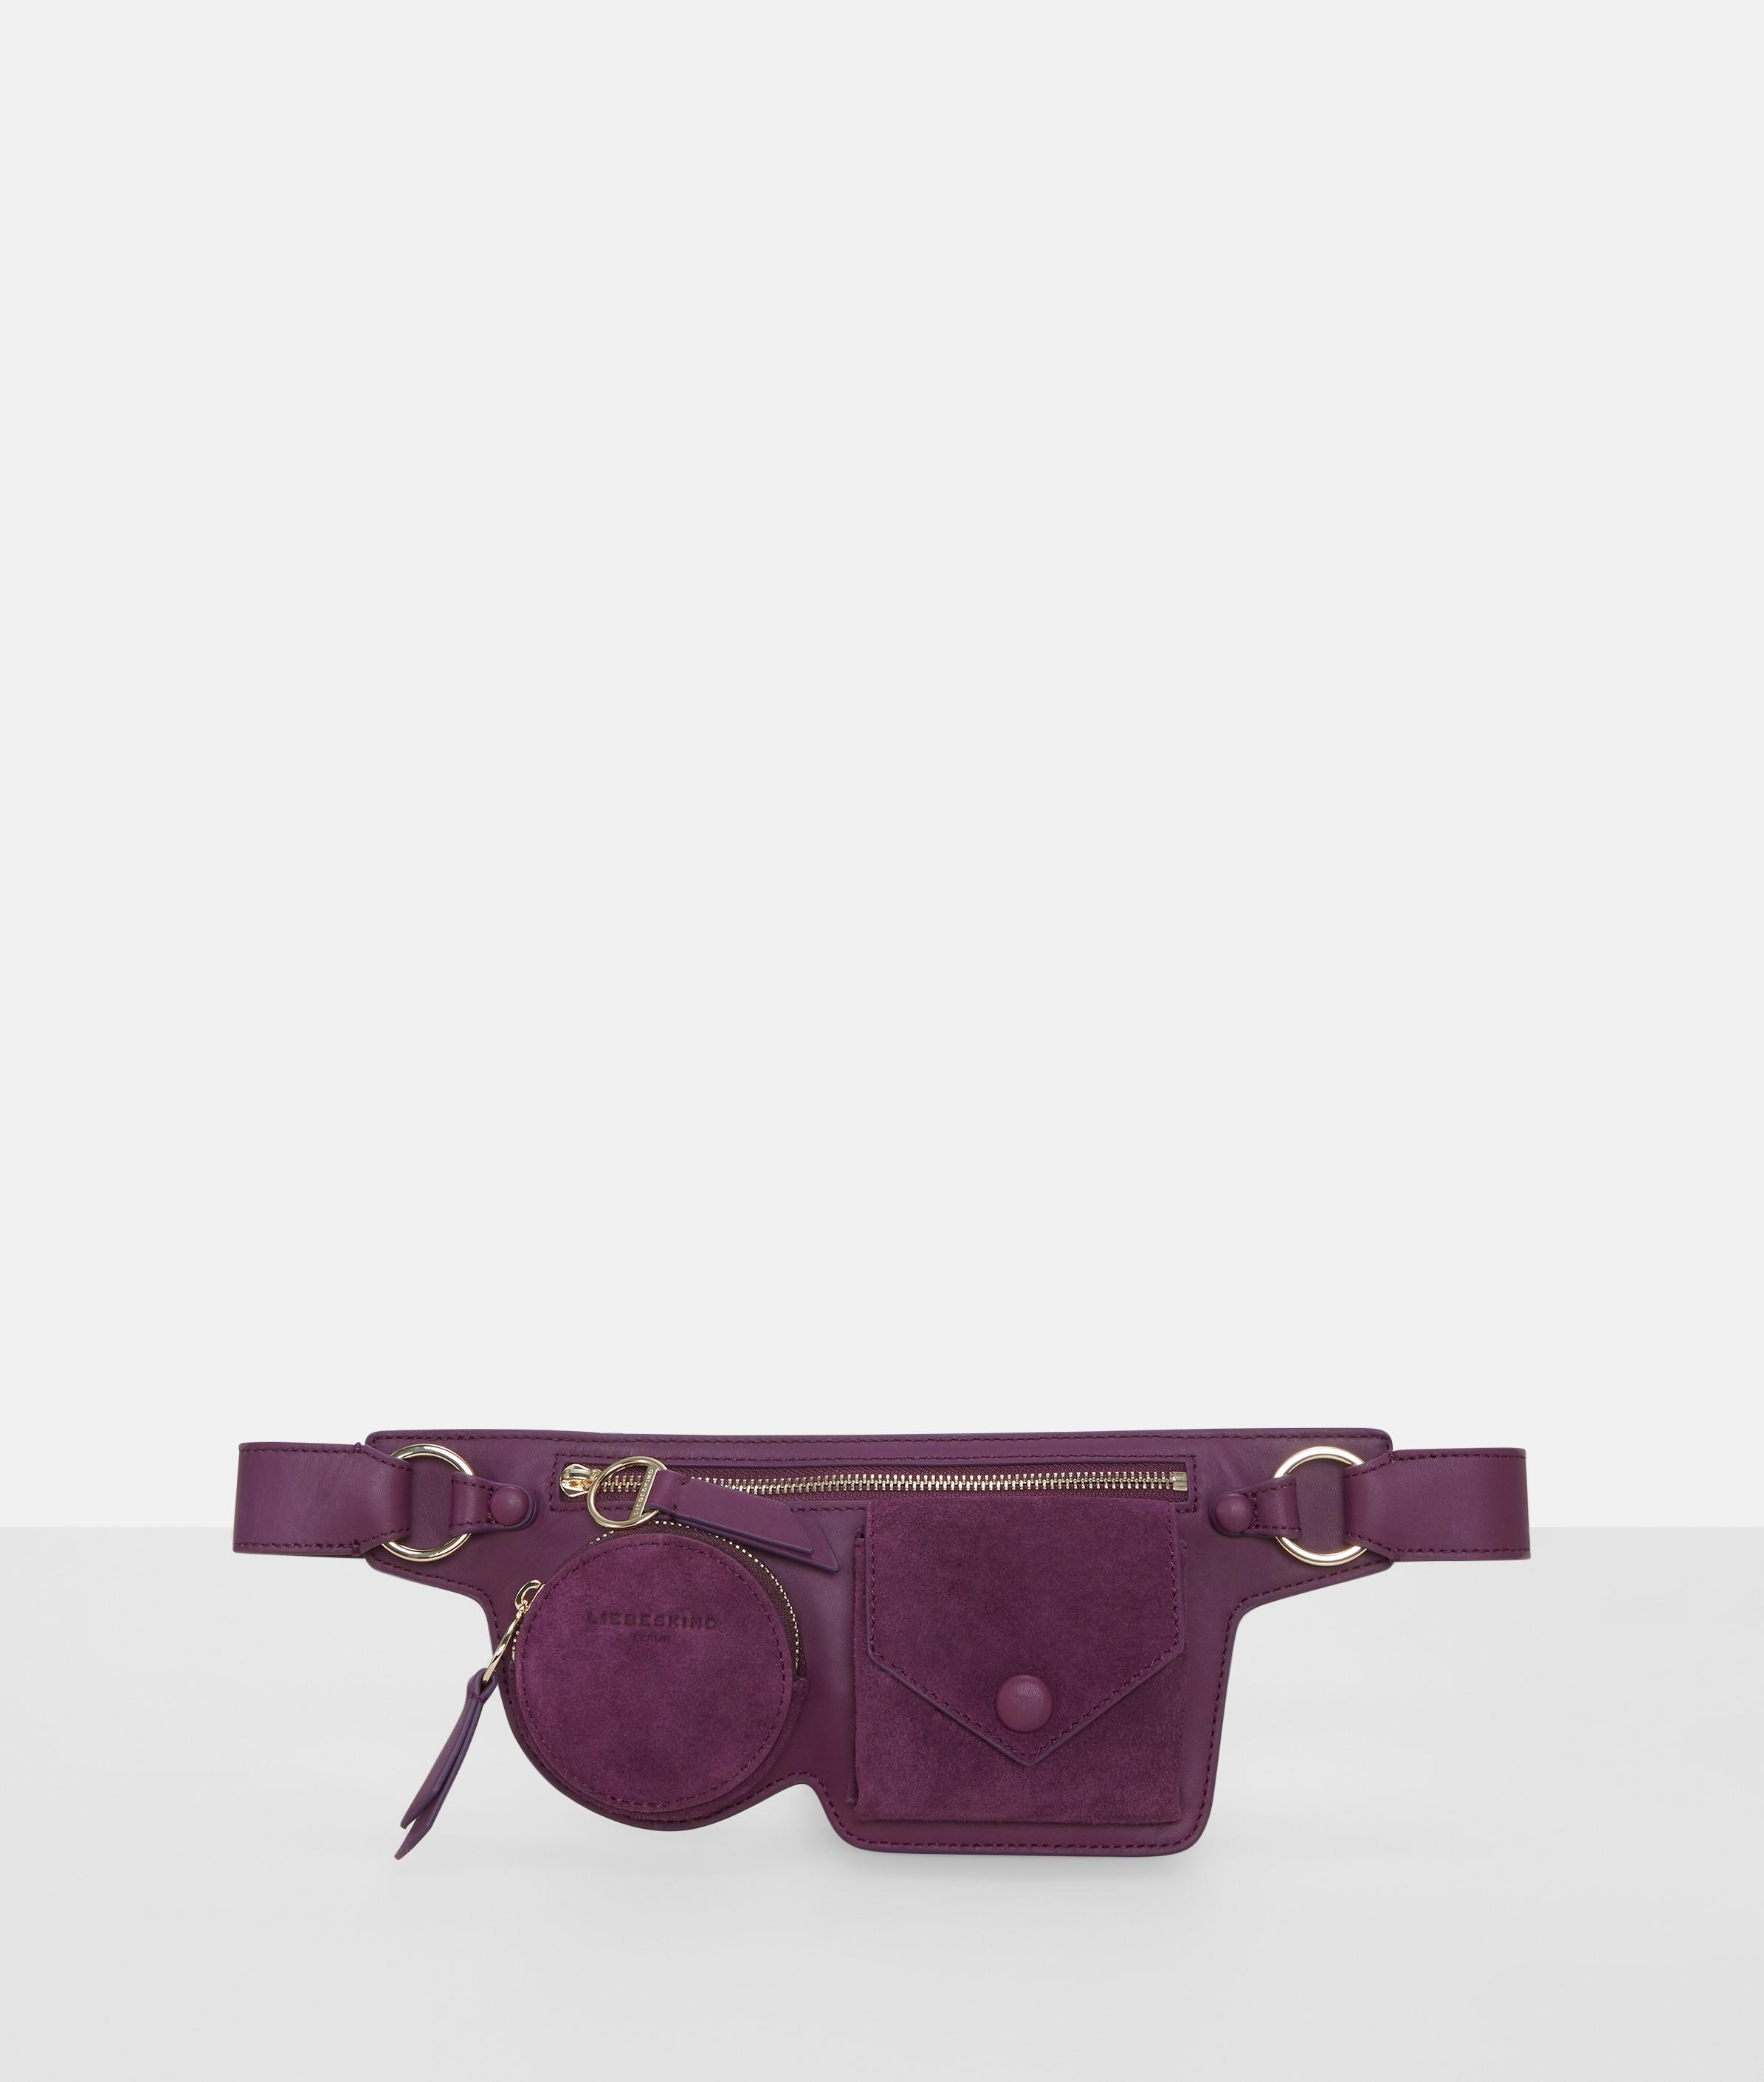 liebeskind berlin - Gürteltasche mit Fronttaschen, Pink